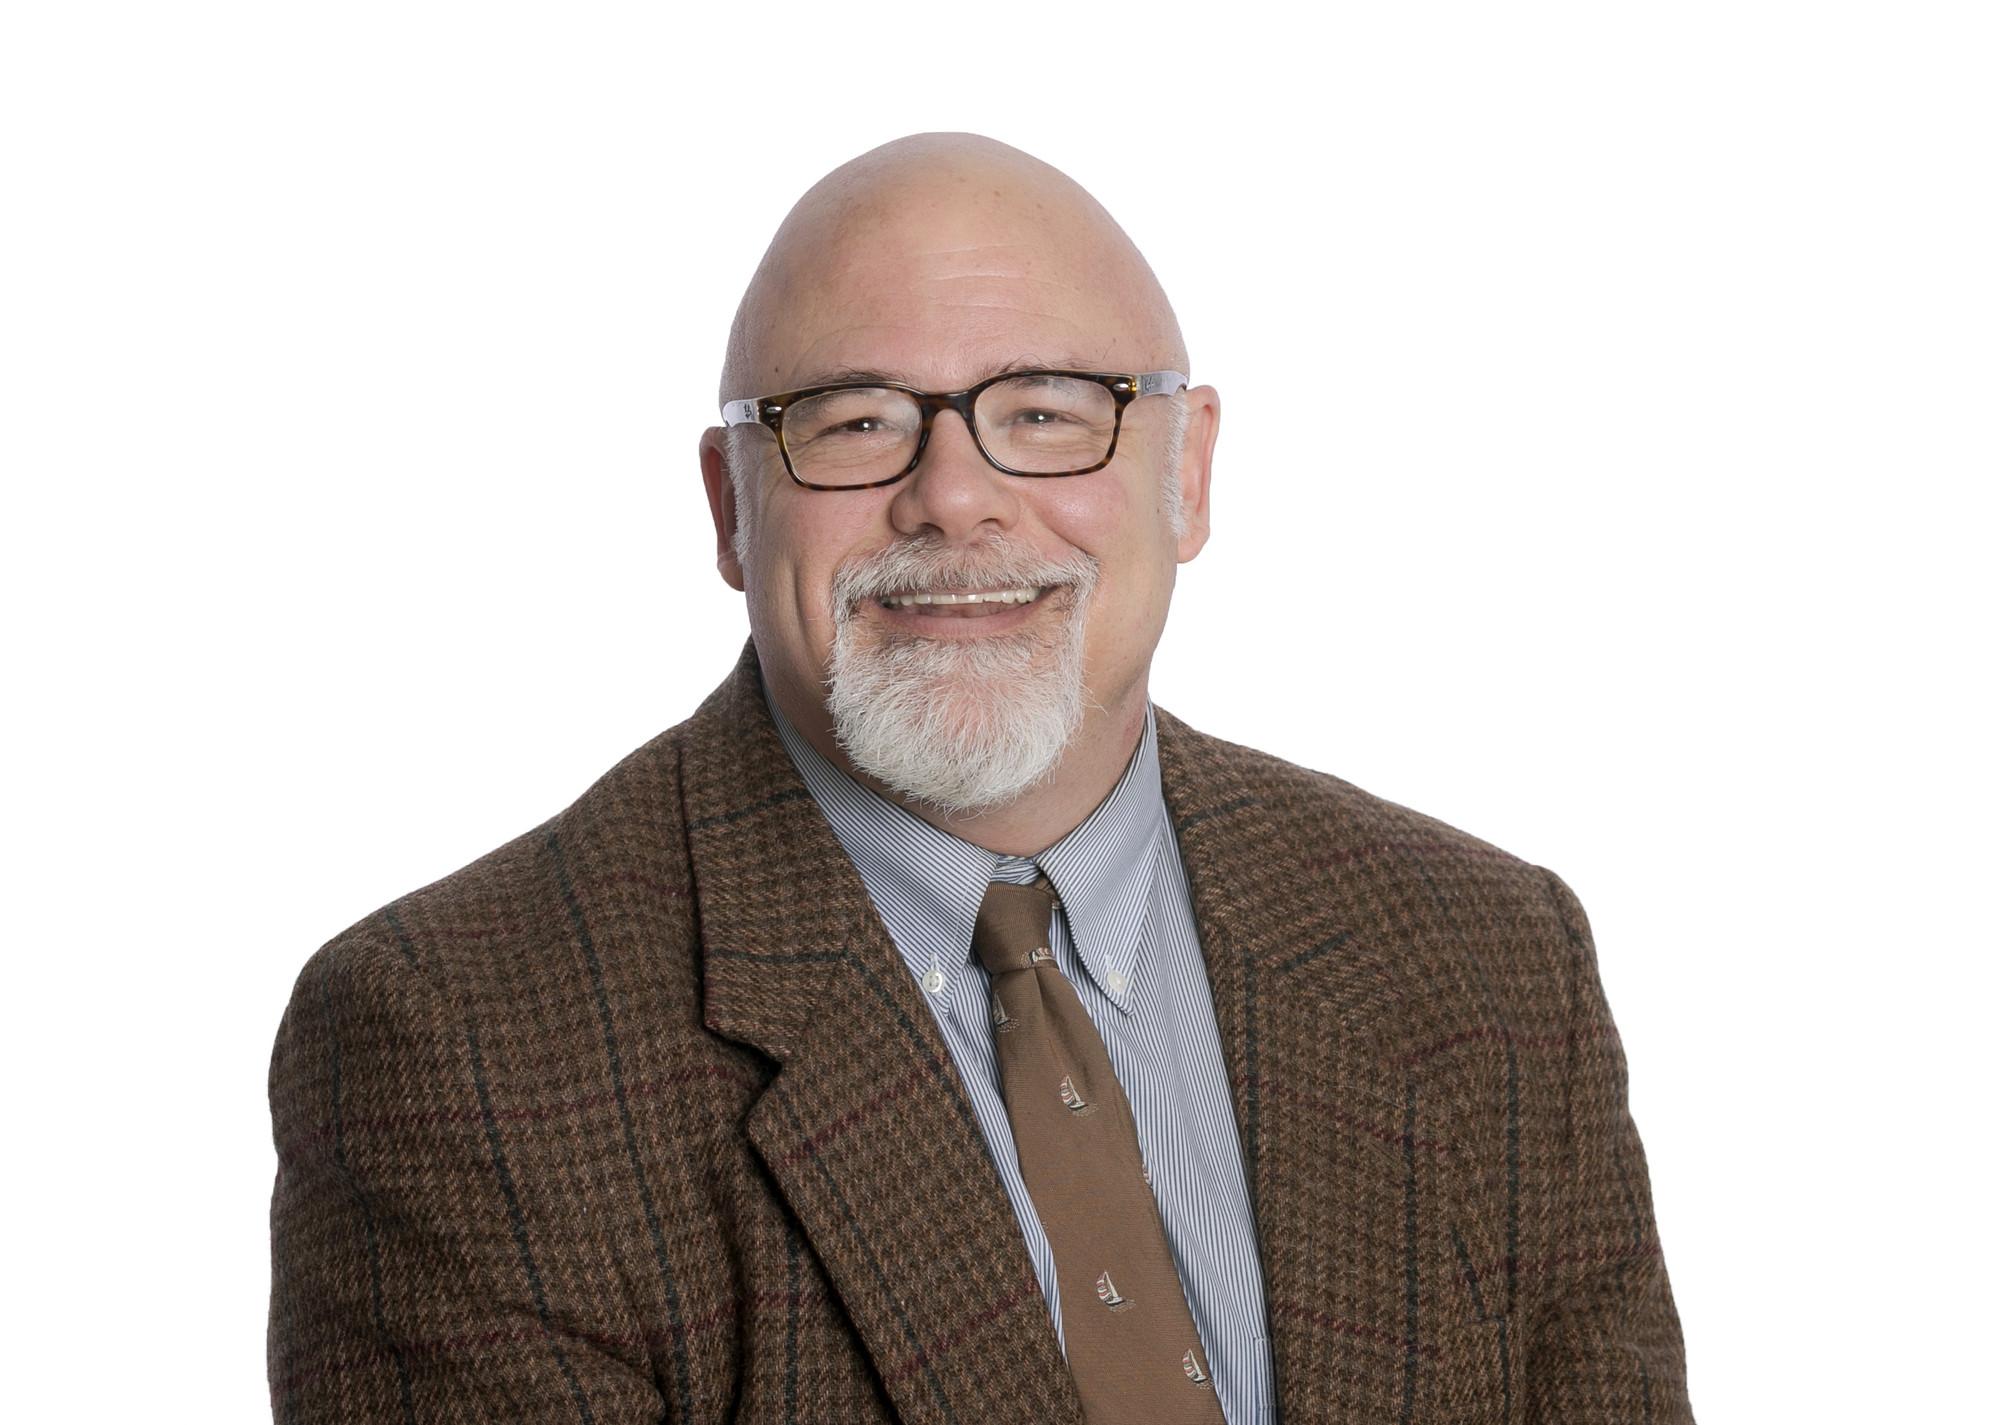 Jim Vander Putten